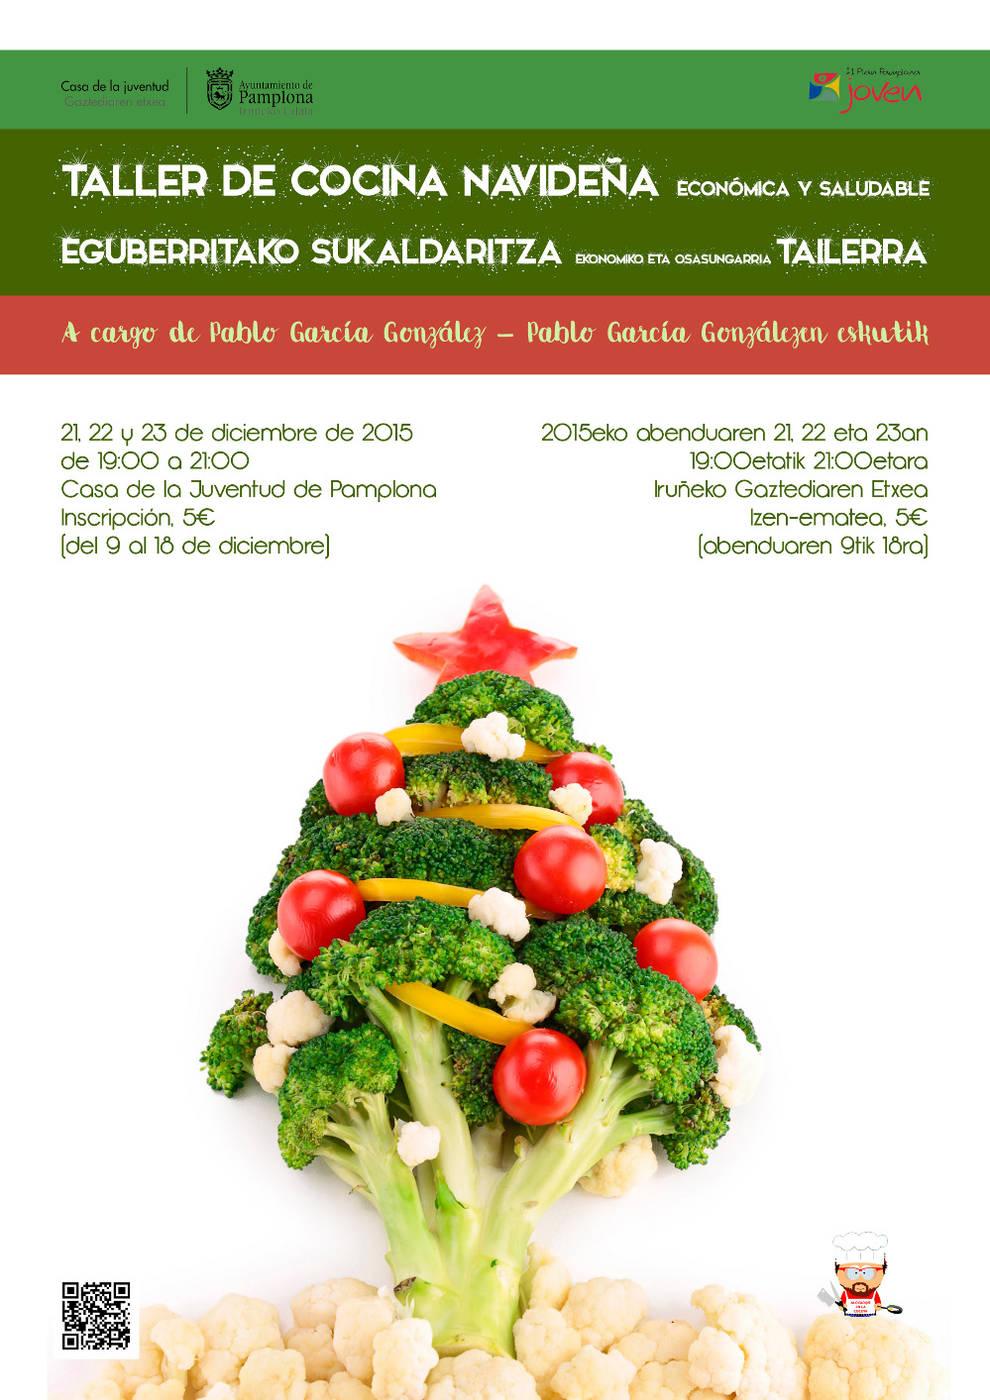 Pamplona taller de cocina navide a econ mica y - Cursos cocina pamplona ...